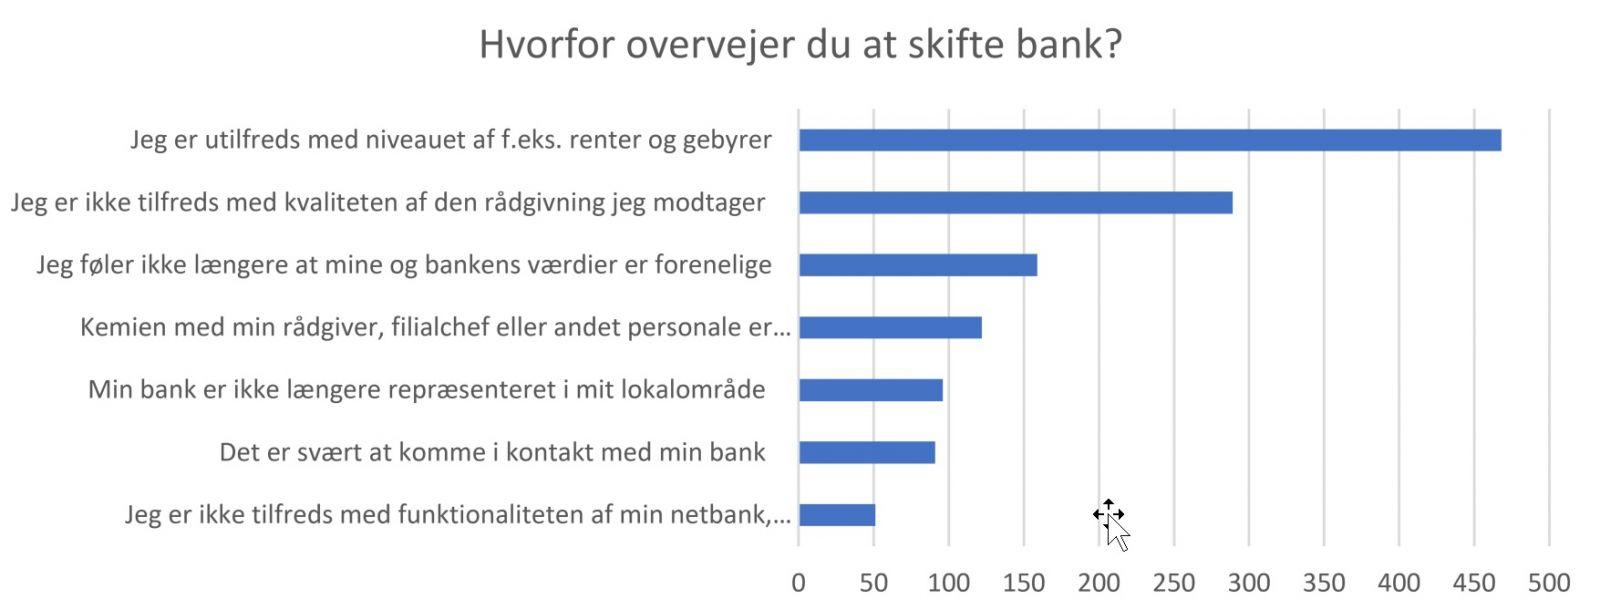 Overvejelser ved at skifte bank